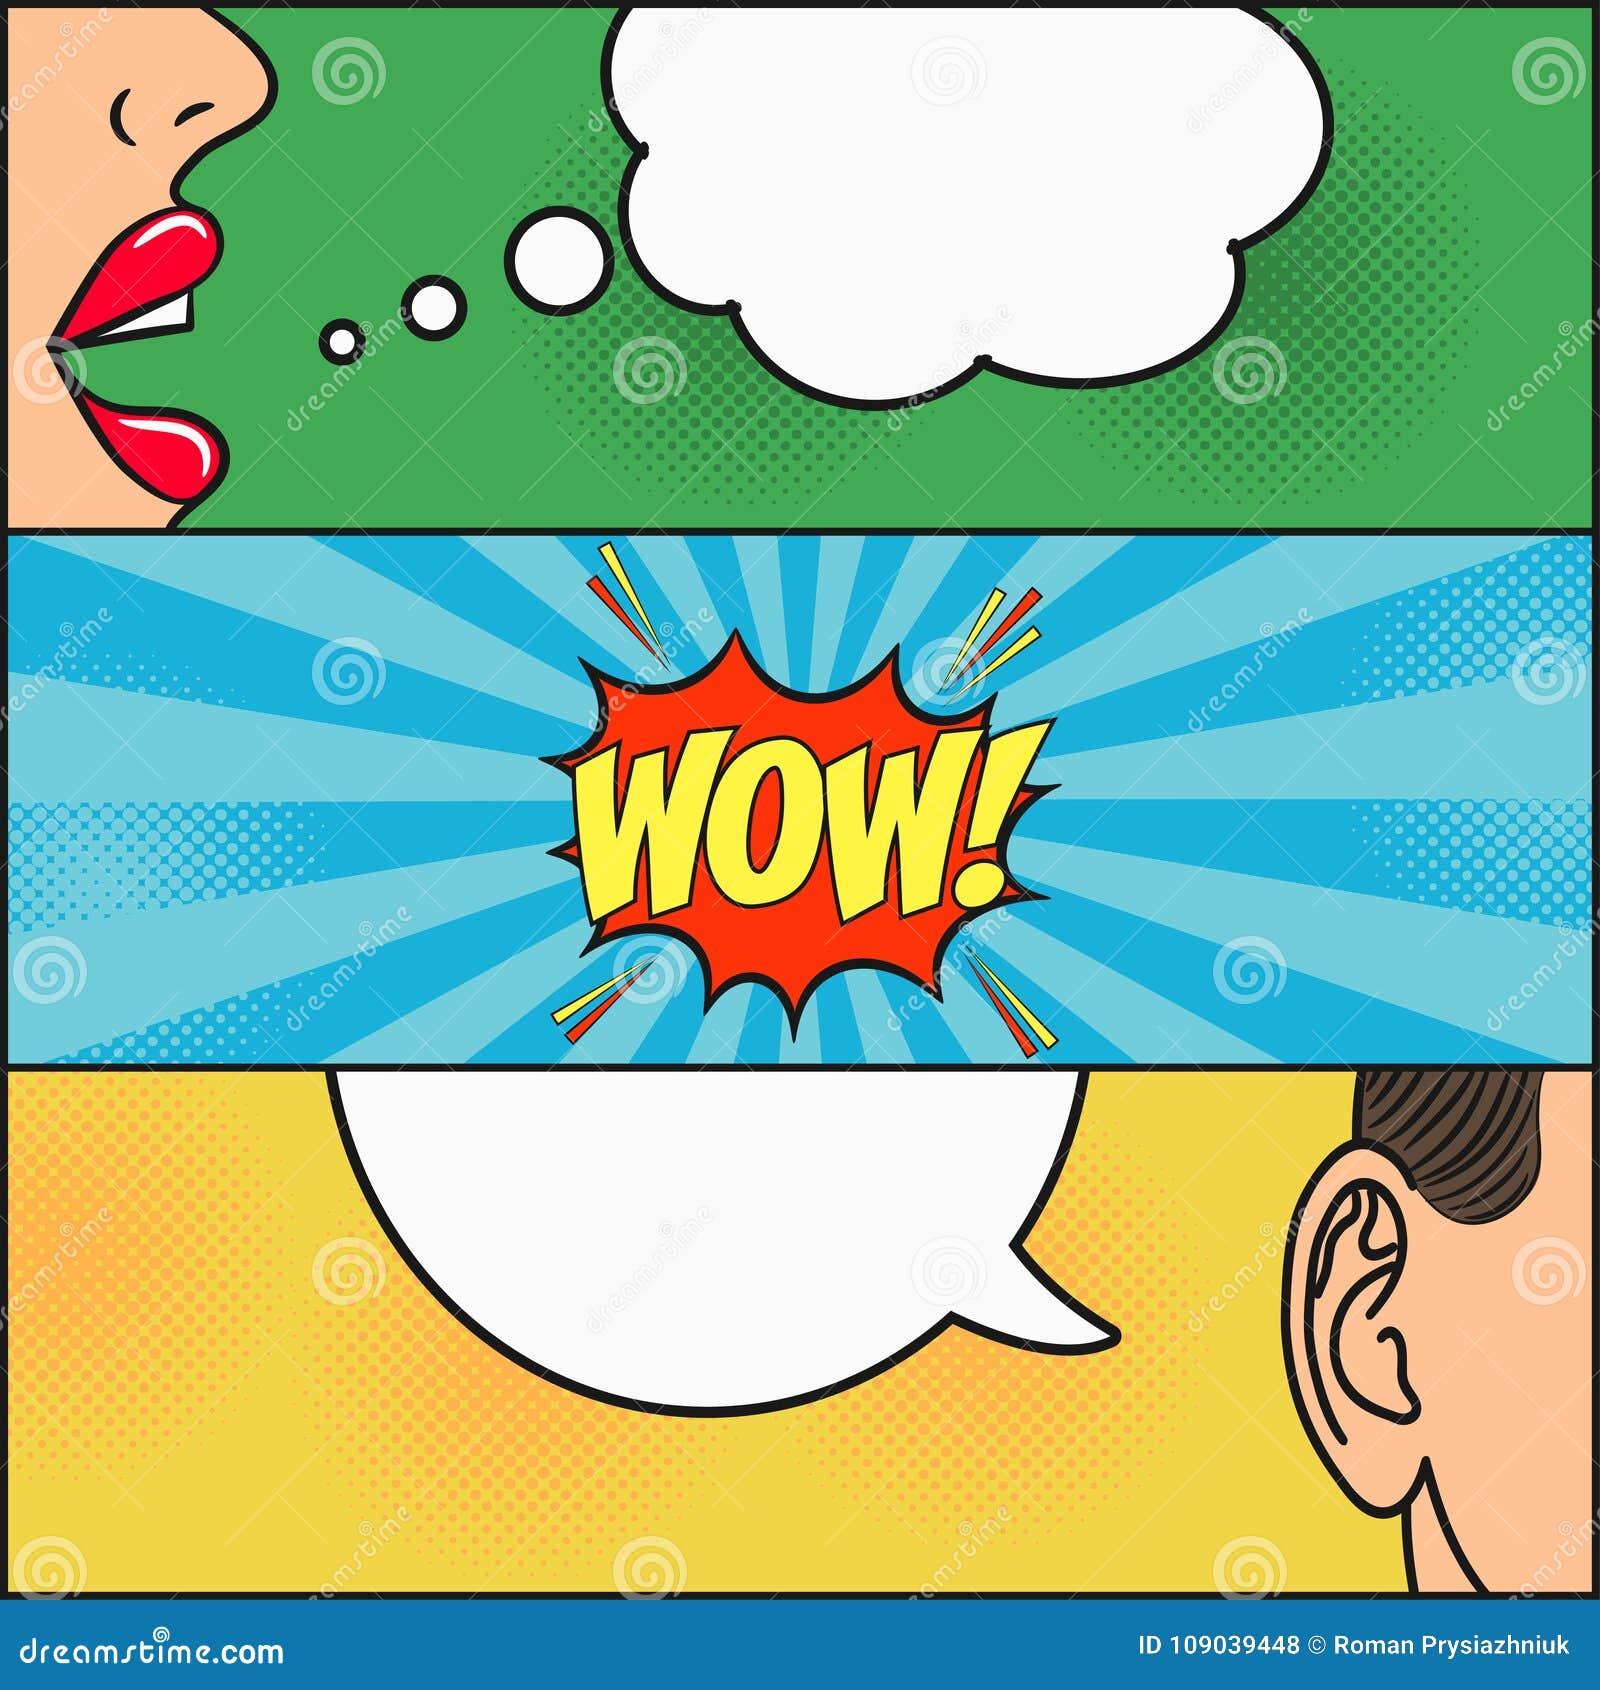 Diseño de página del cómic El diálogo de la muchacha y el individuo con discurso burbujean con las emociones - wow Los labios de